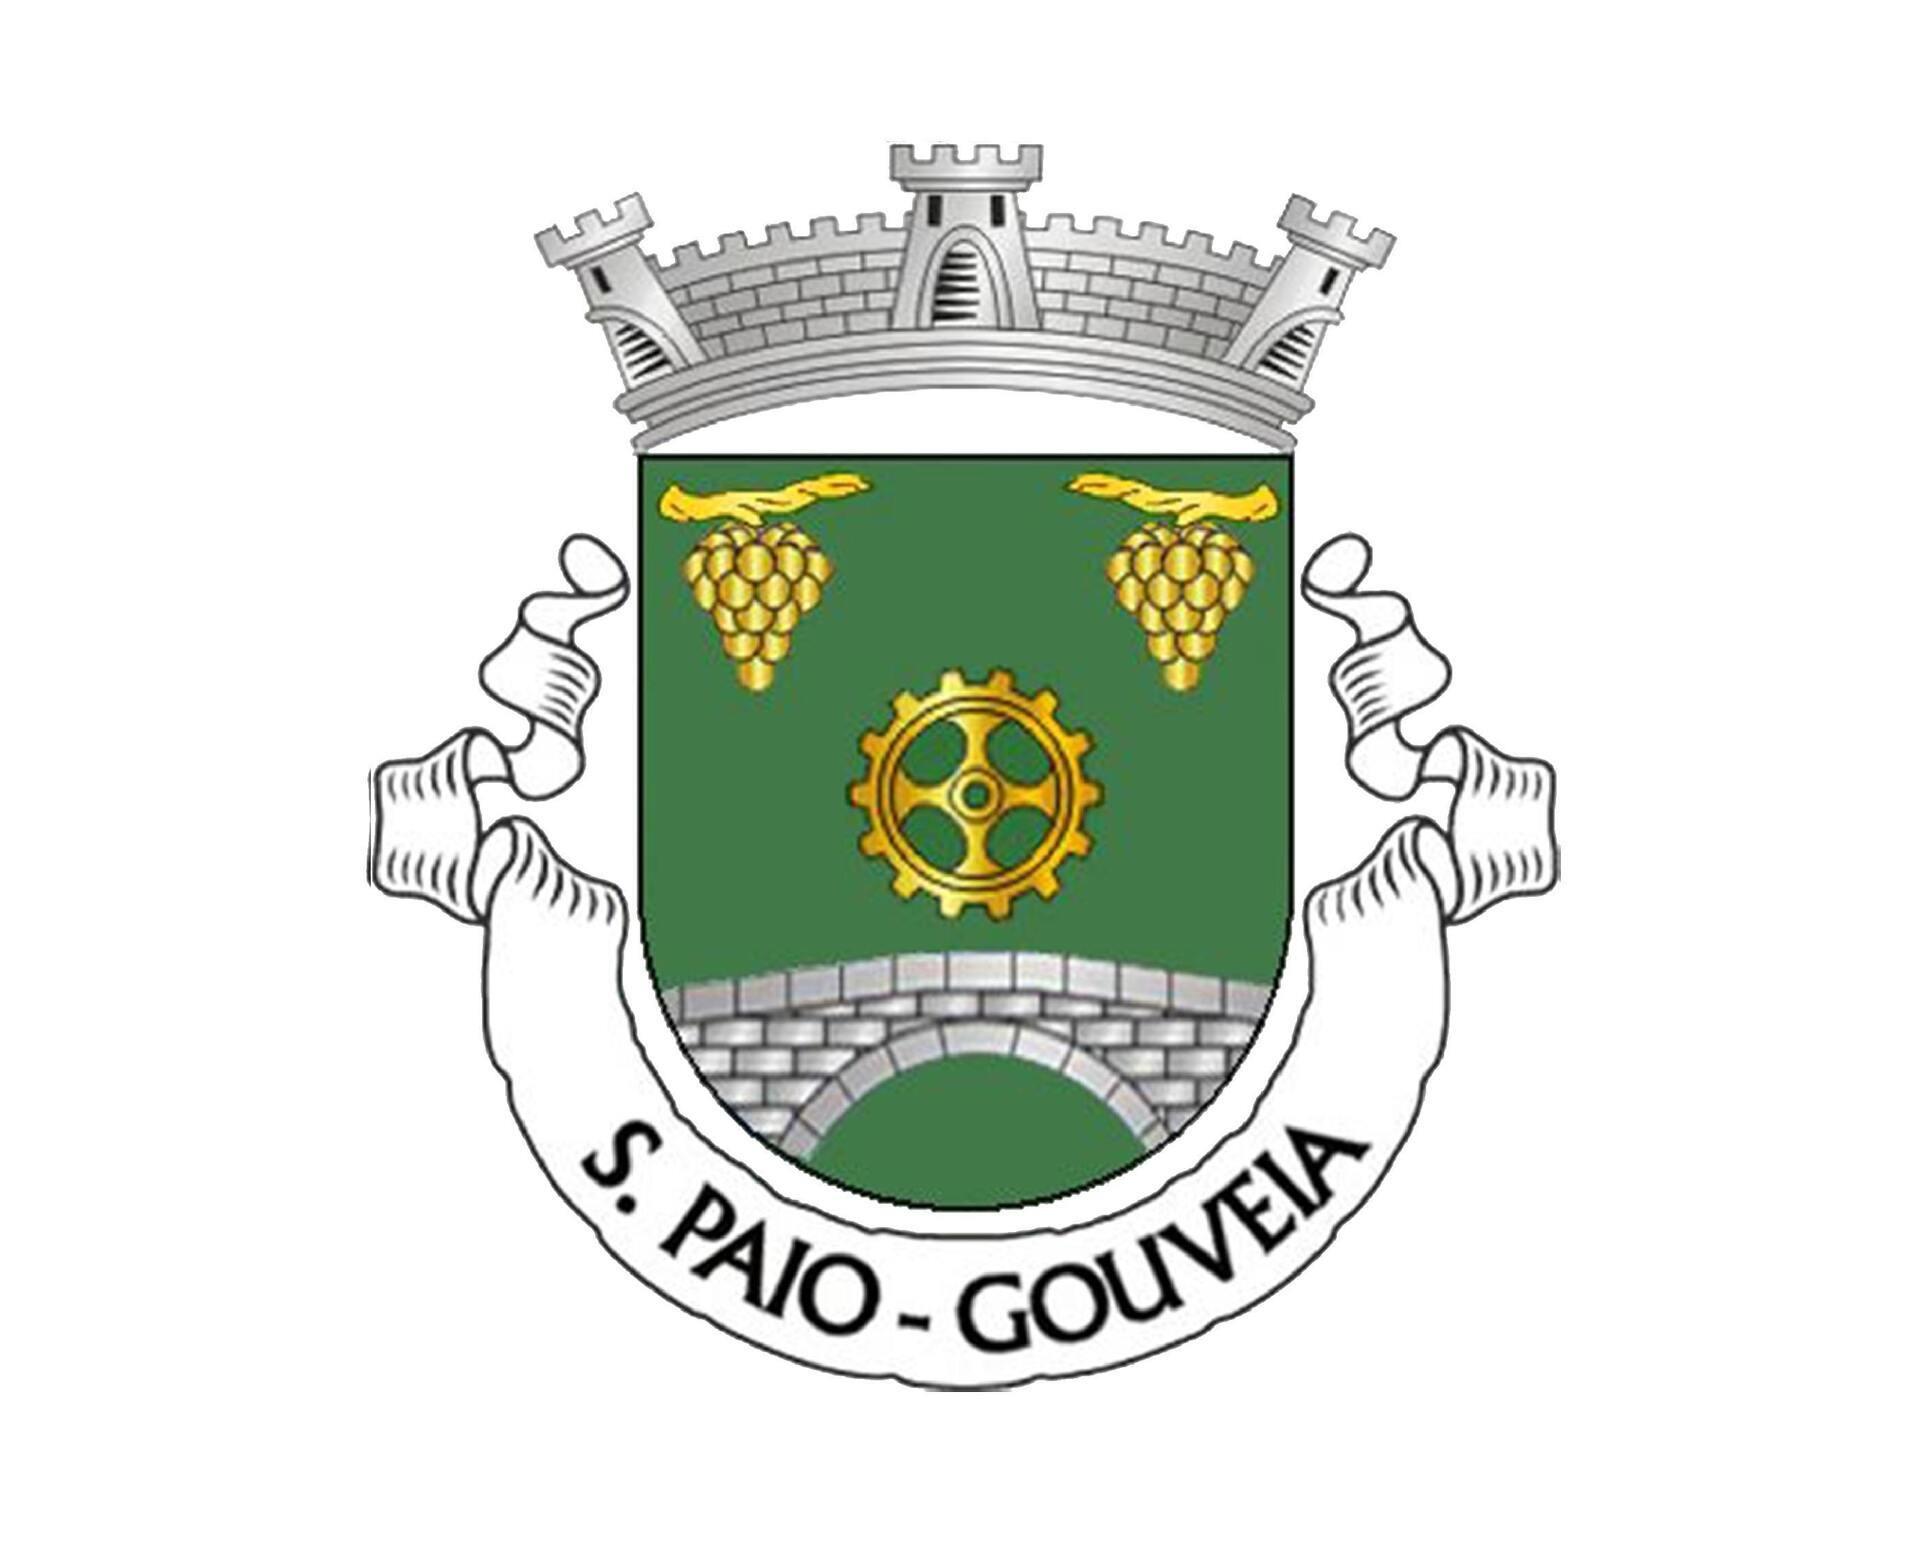 Brasão São Paio